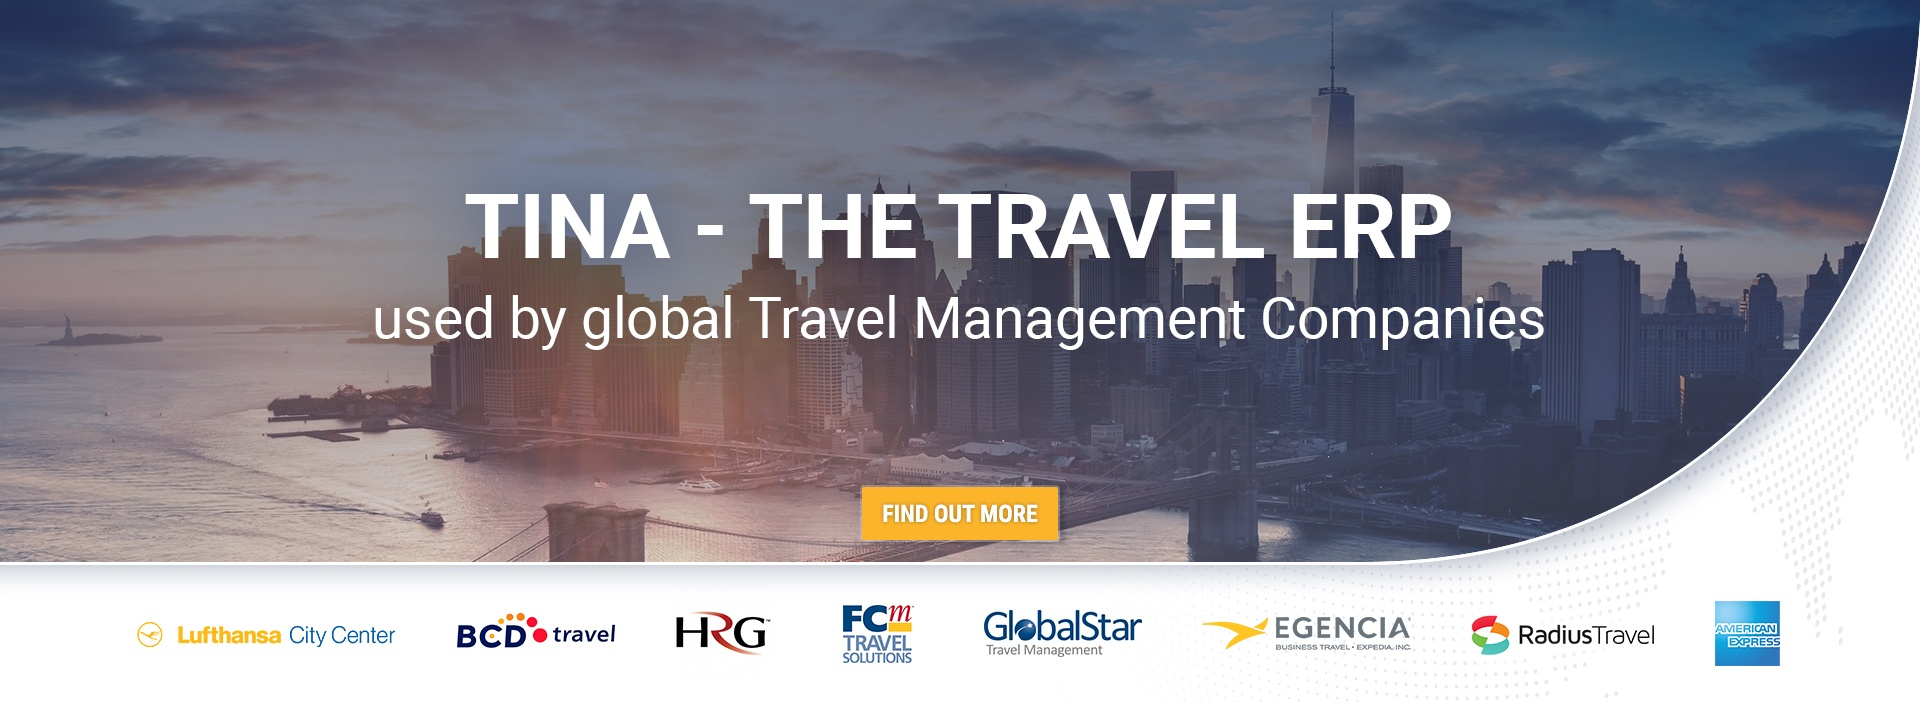 TINA - the travel ERP